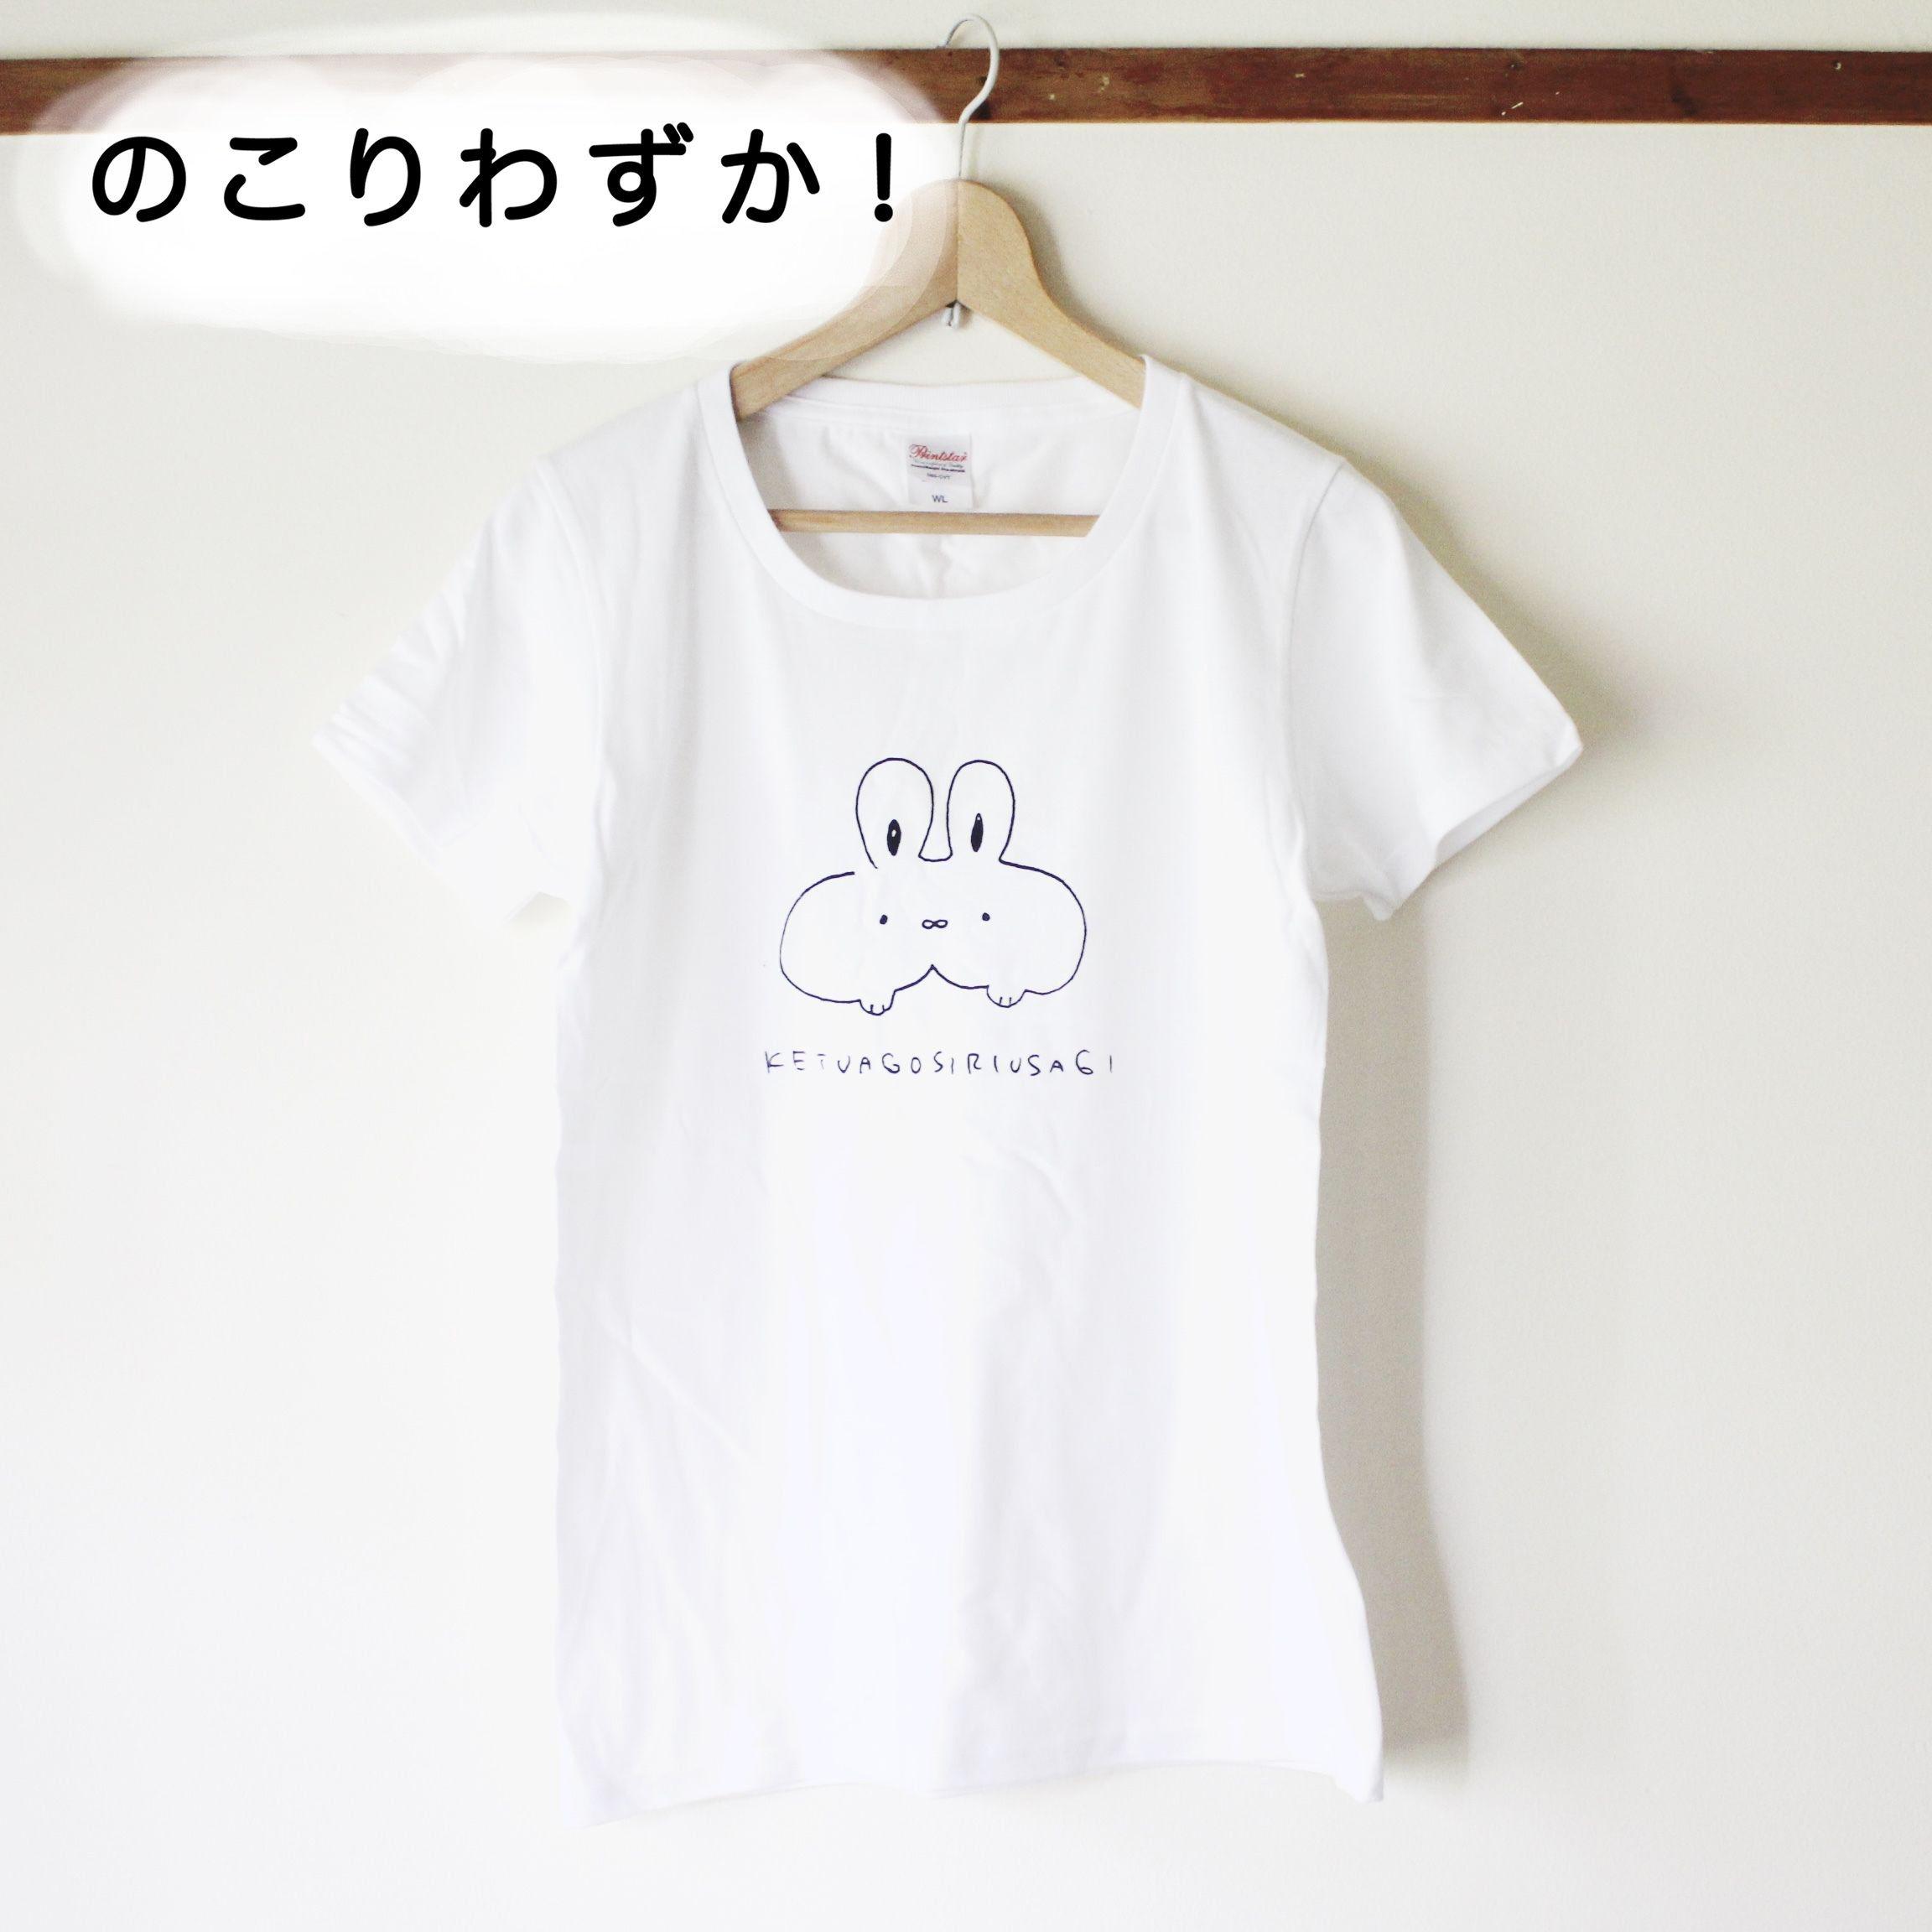 KETUAGOSIRIUSAGI T-shirts